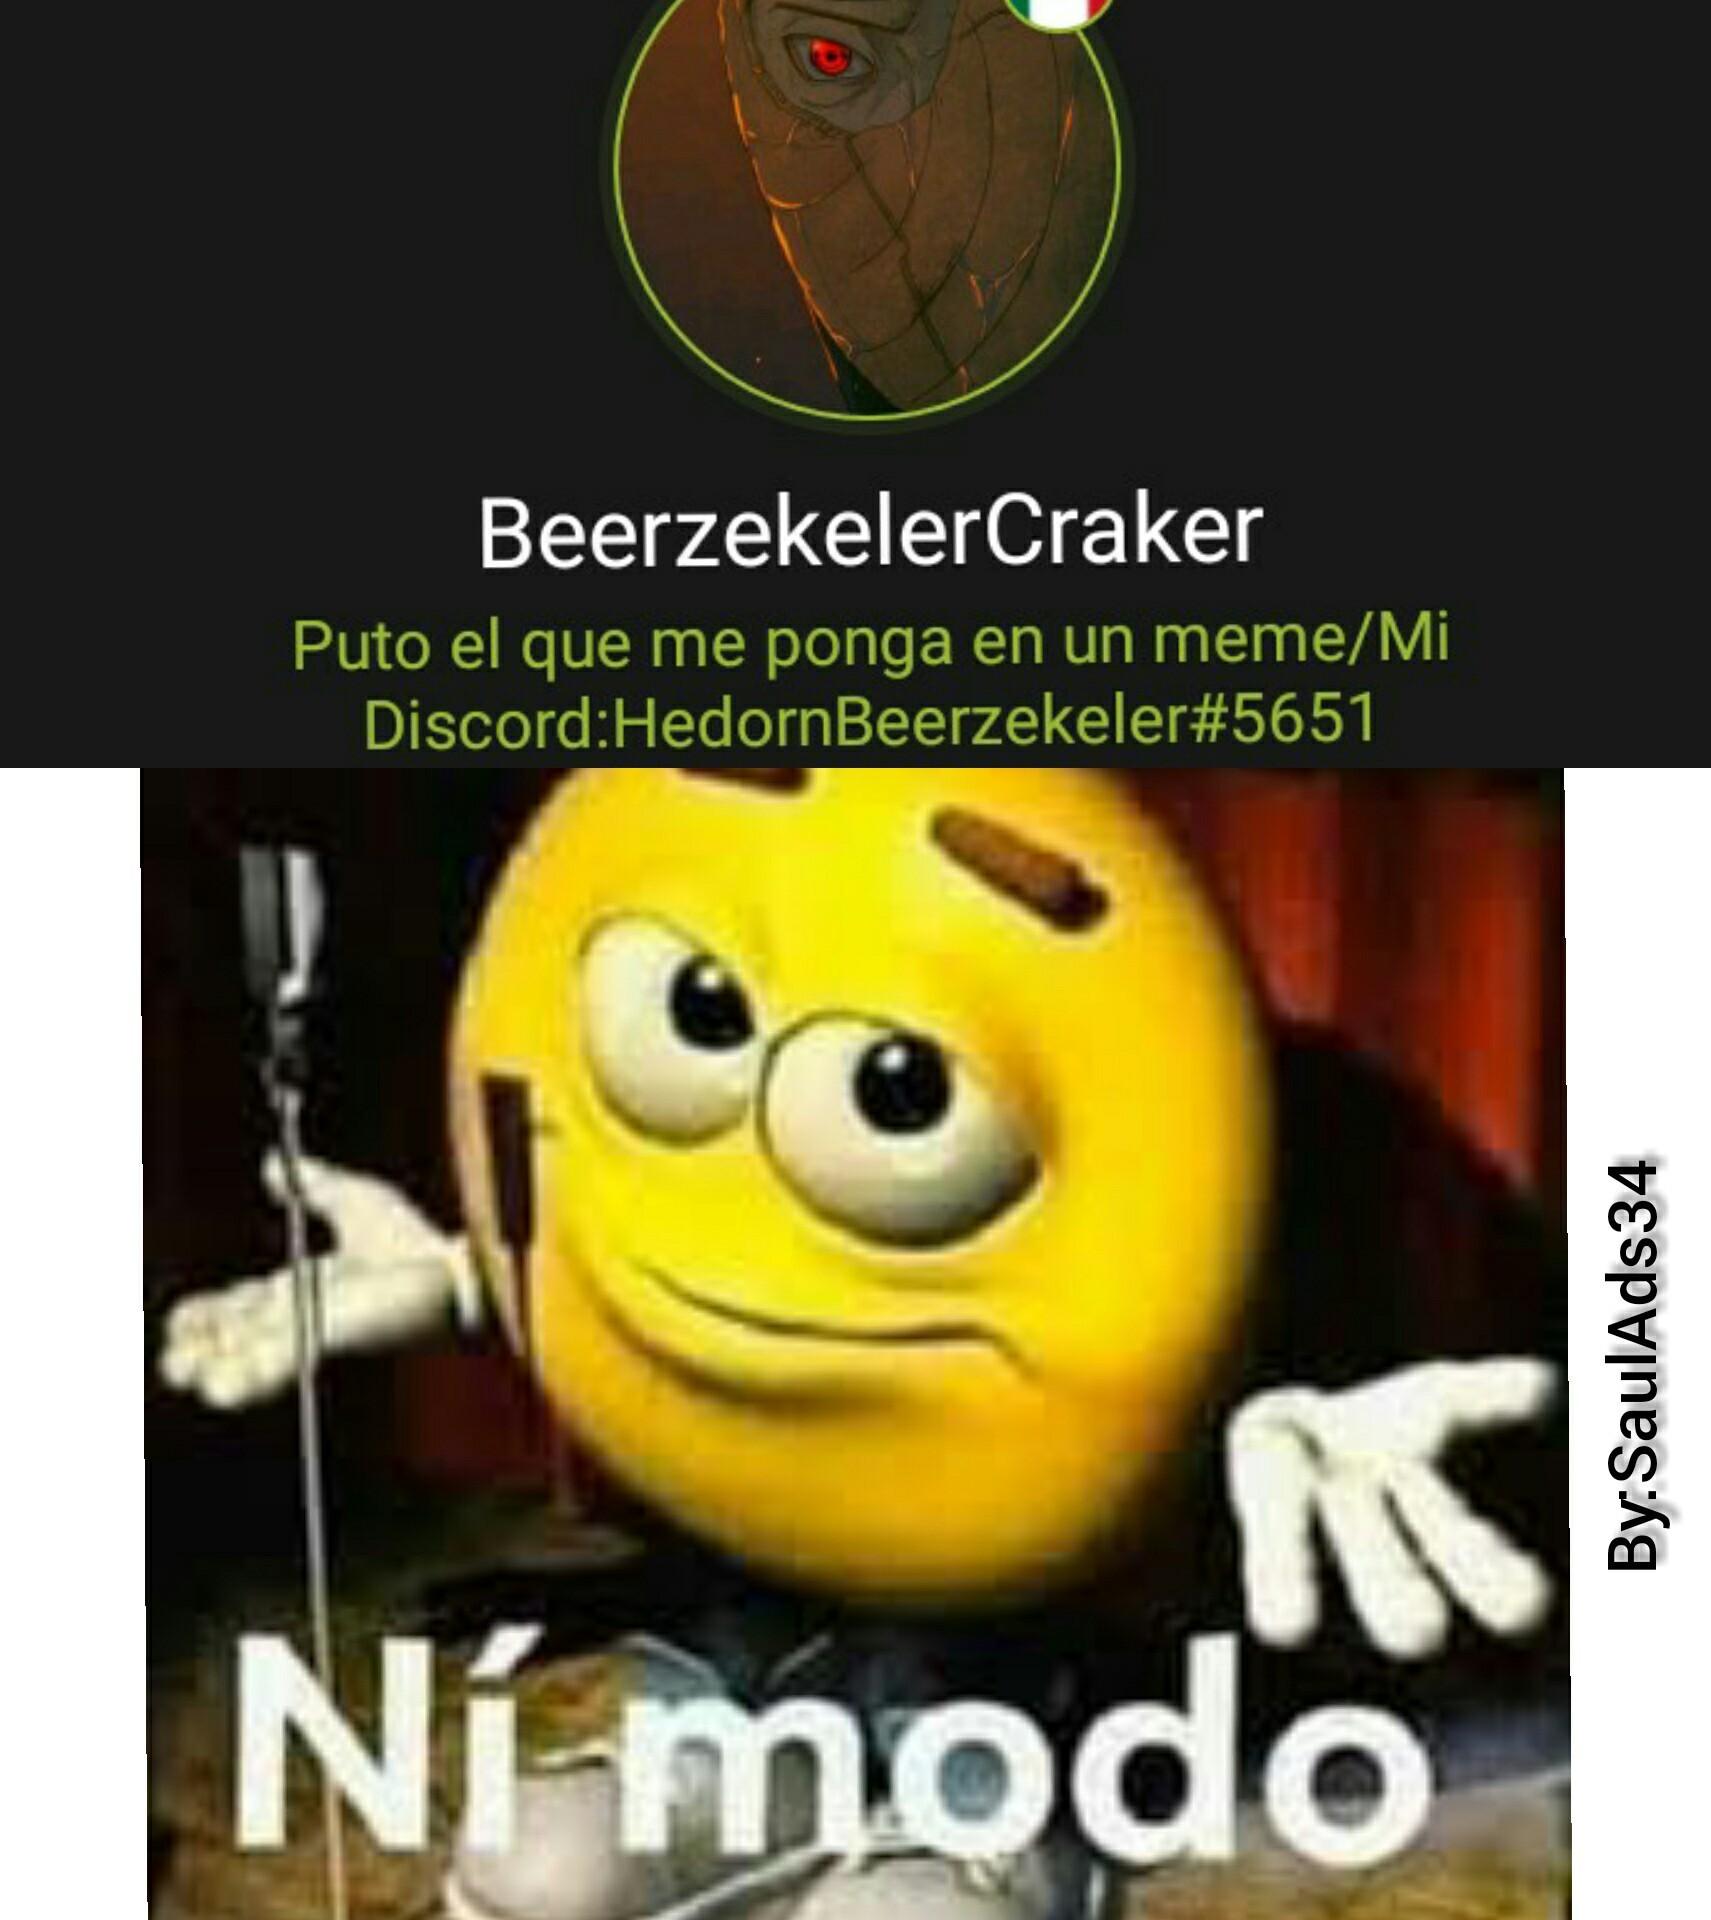 Ni modo xd - meme